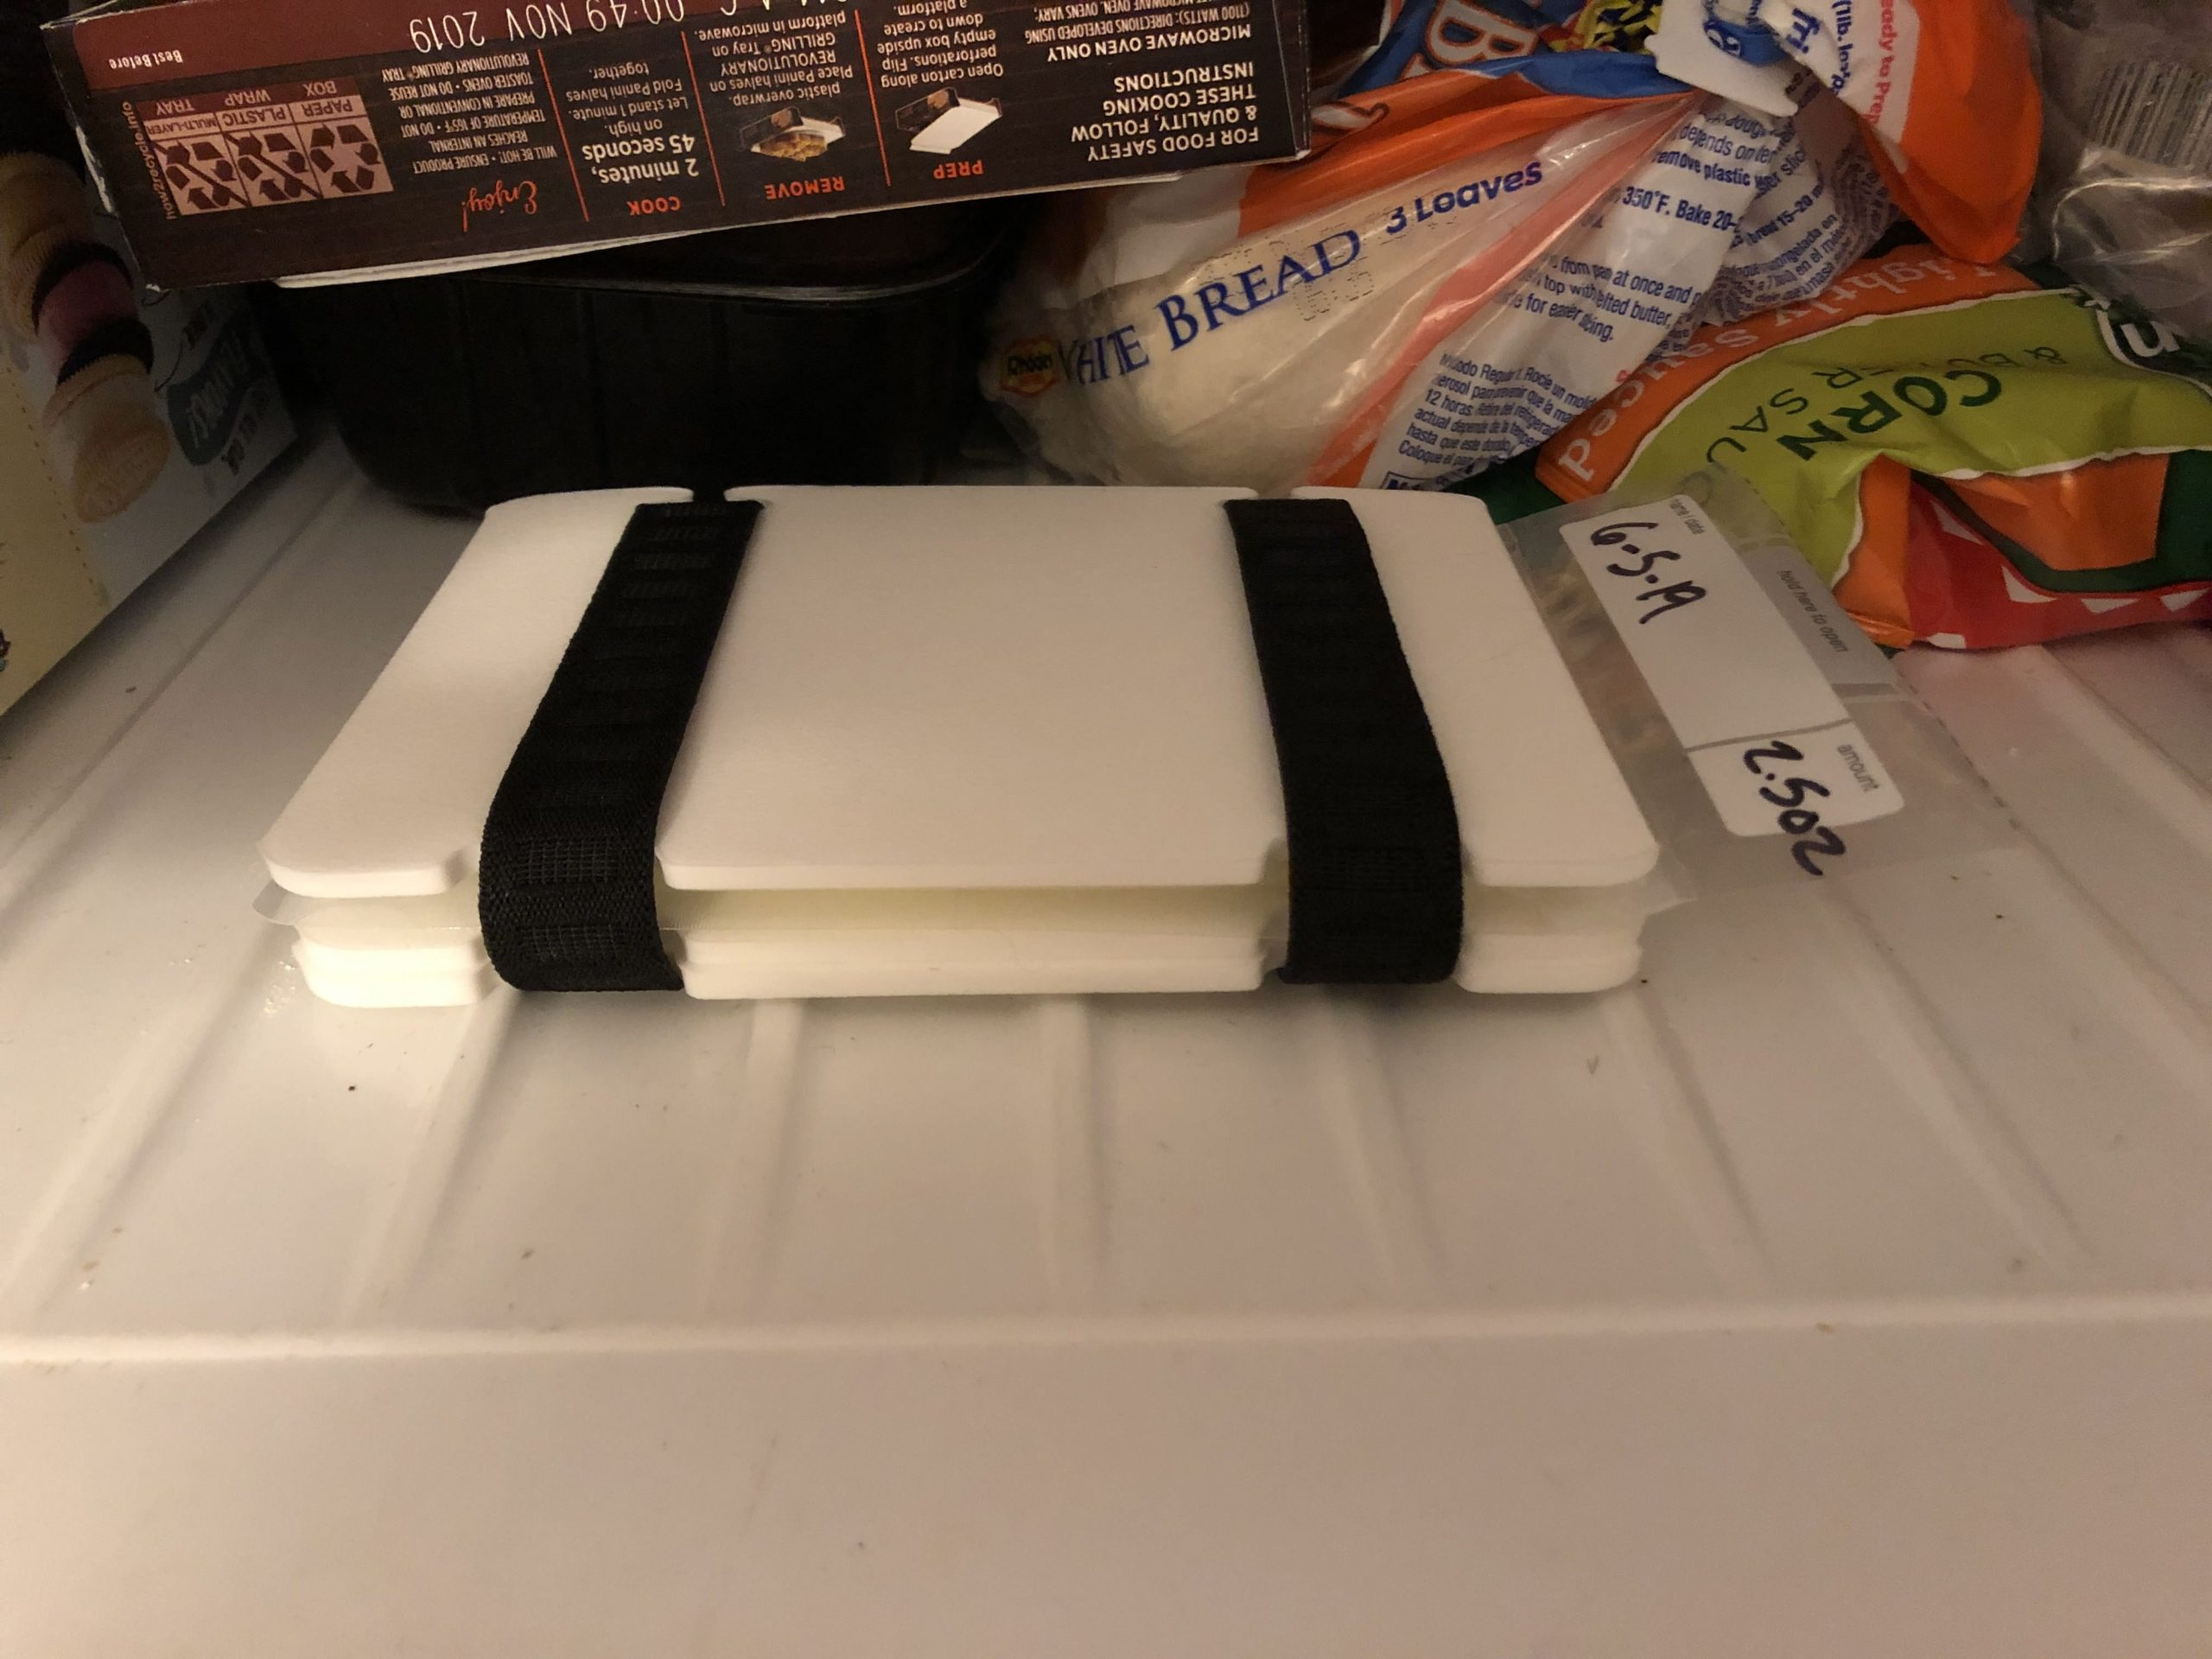 MAMMAWAY Freeze It Flat in Megans freezer